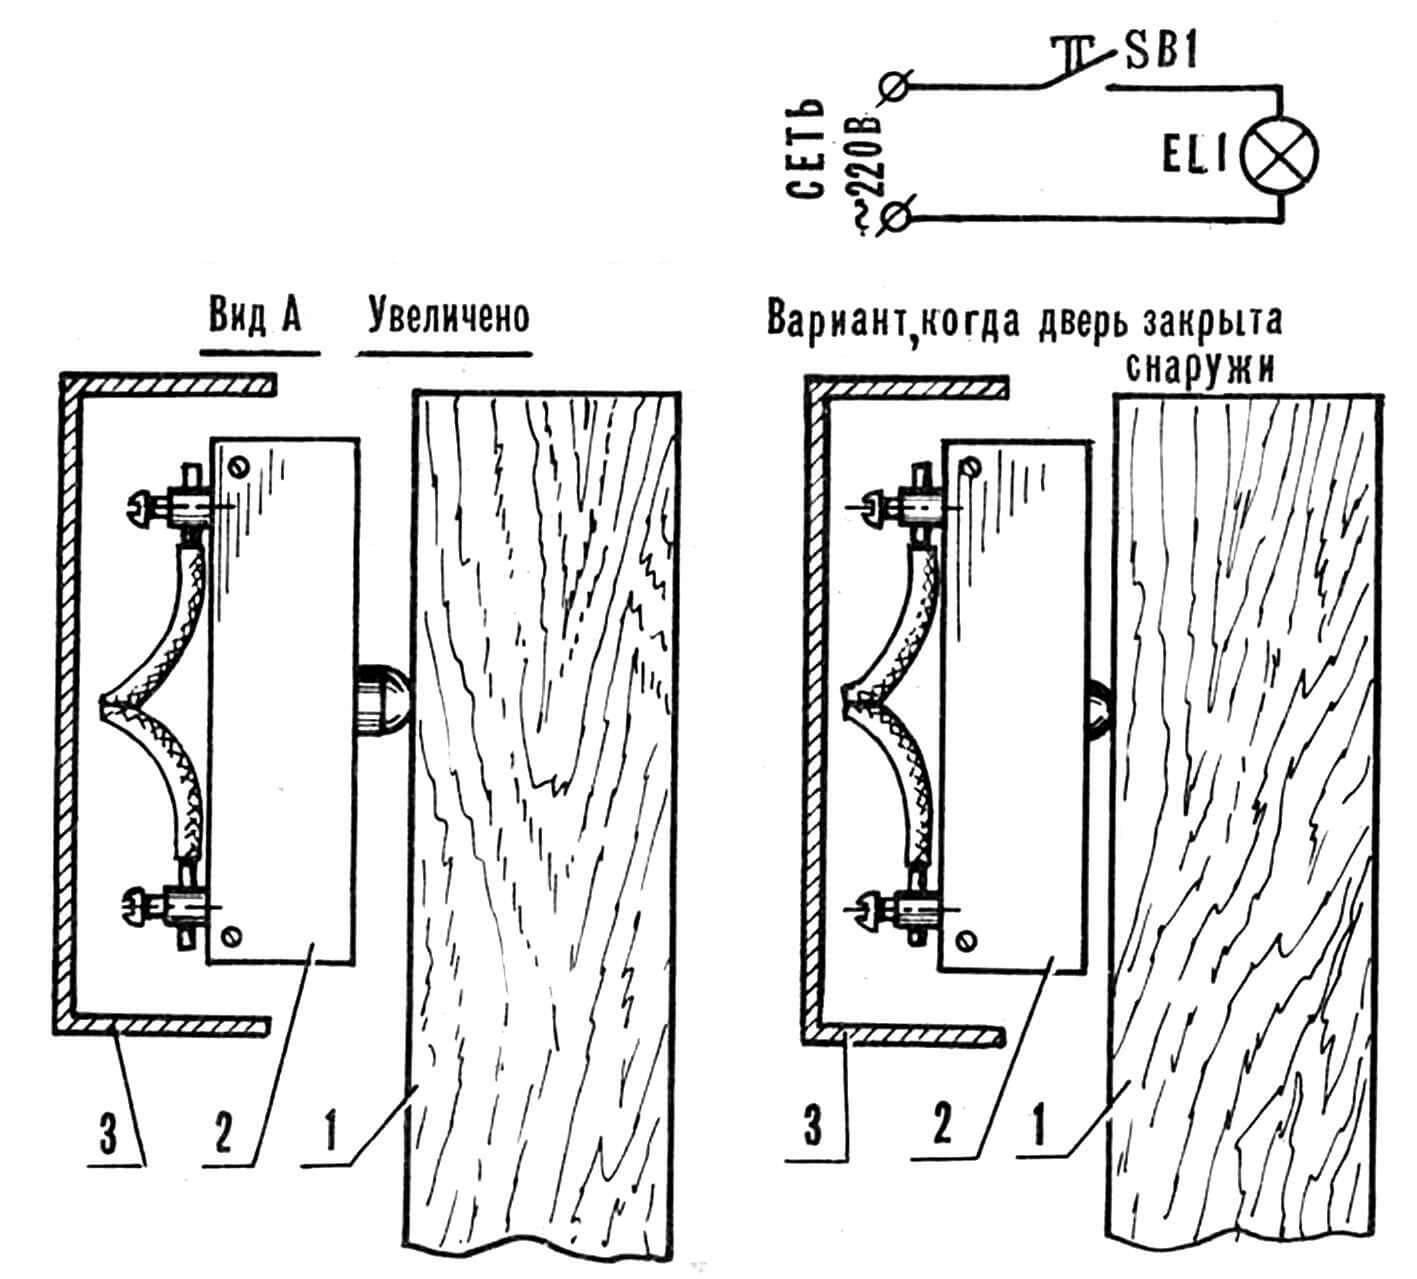 Принципиальная электрическая схема устройства автоматического управления светом при открывании (закрывании) двери и его реализация: 1 — дверь, 2 — микровыключатель SB1, 3 — защитный корпус.